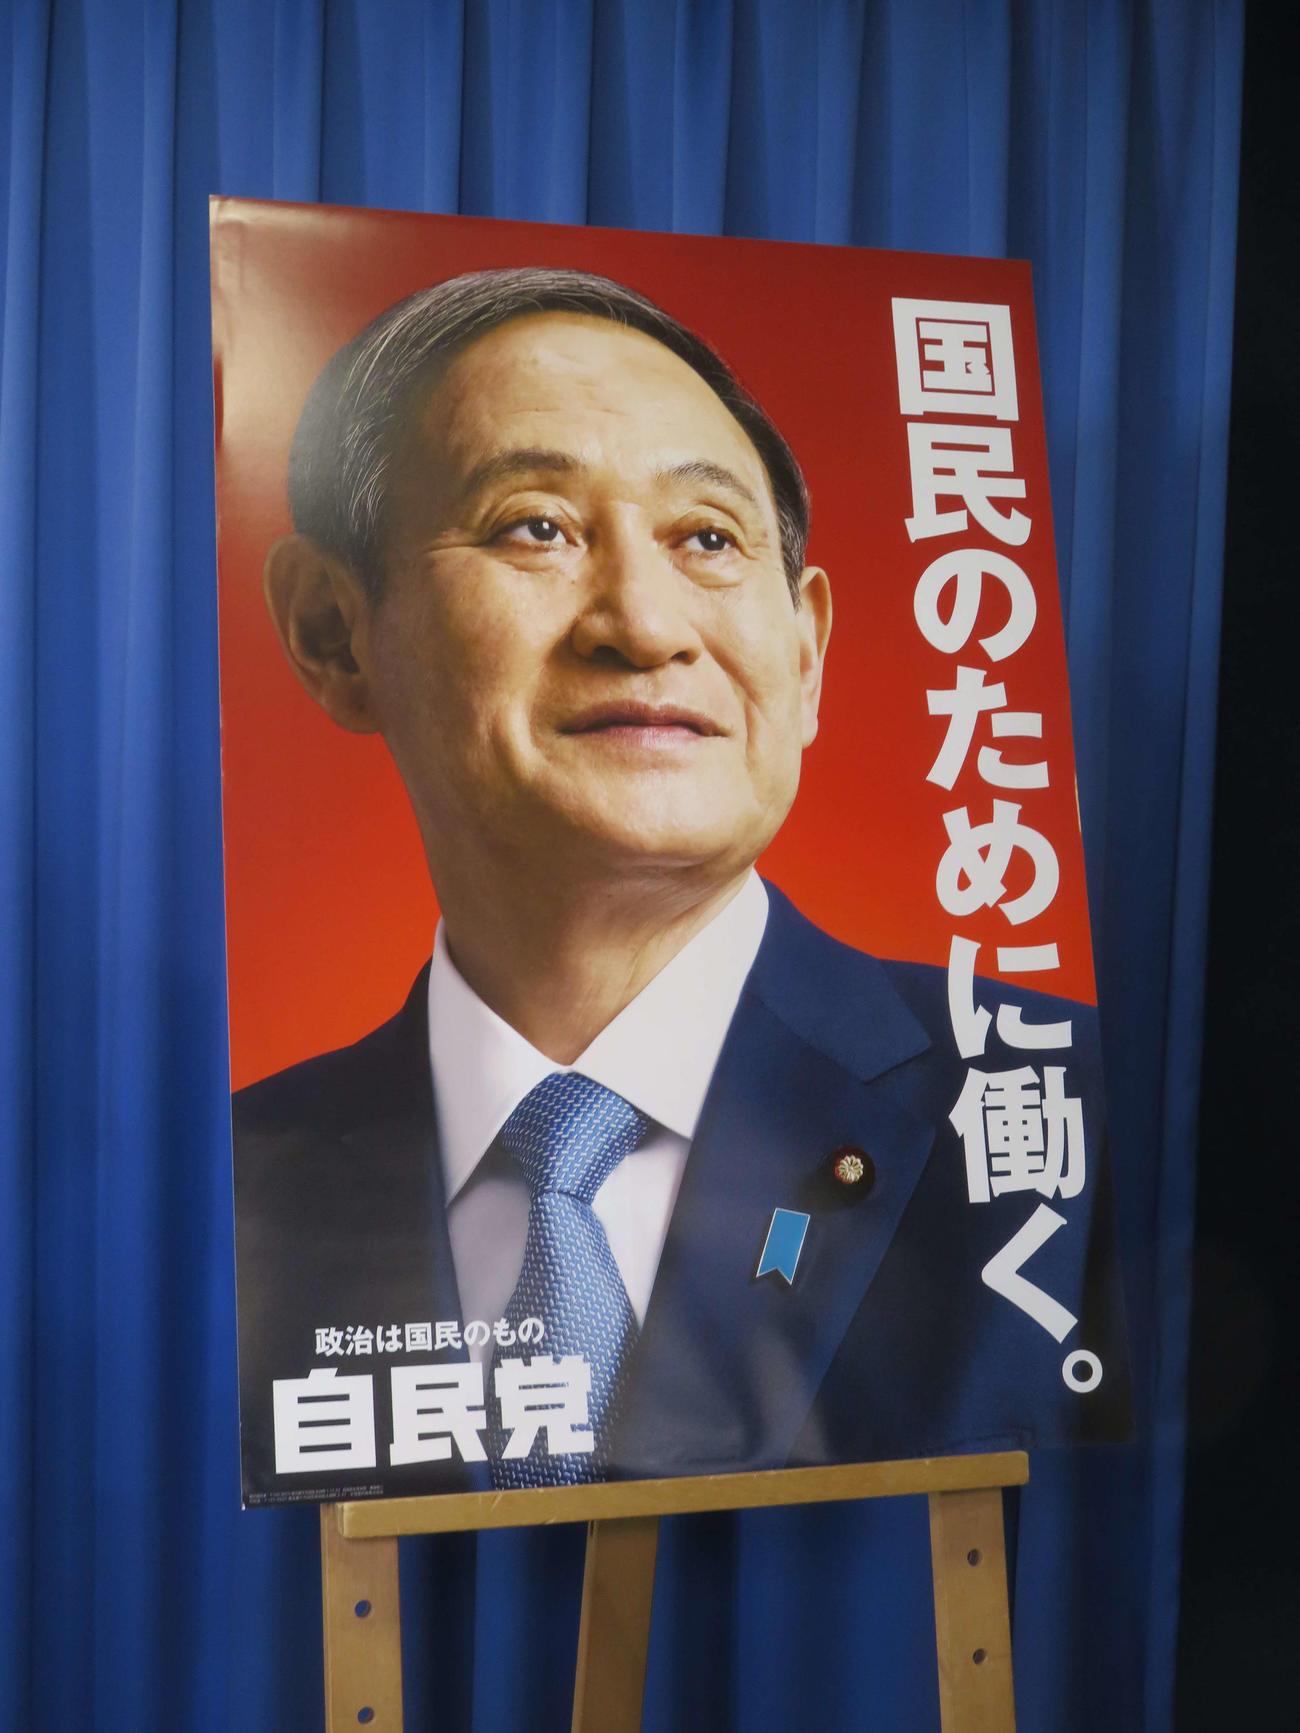 自民党发布的菅义伟海报。